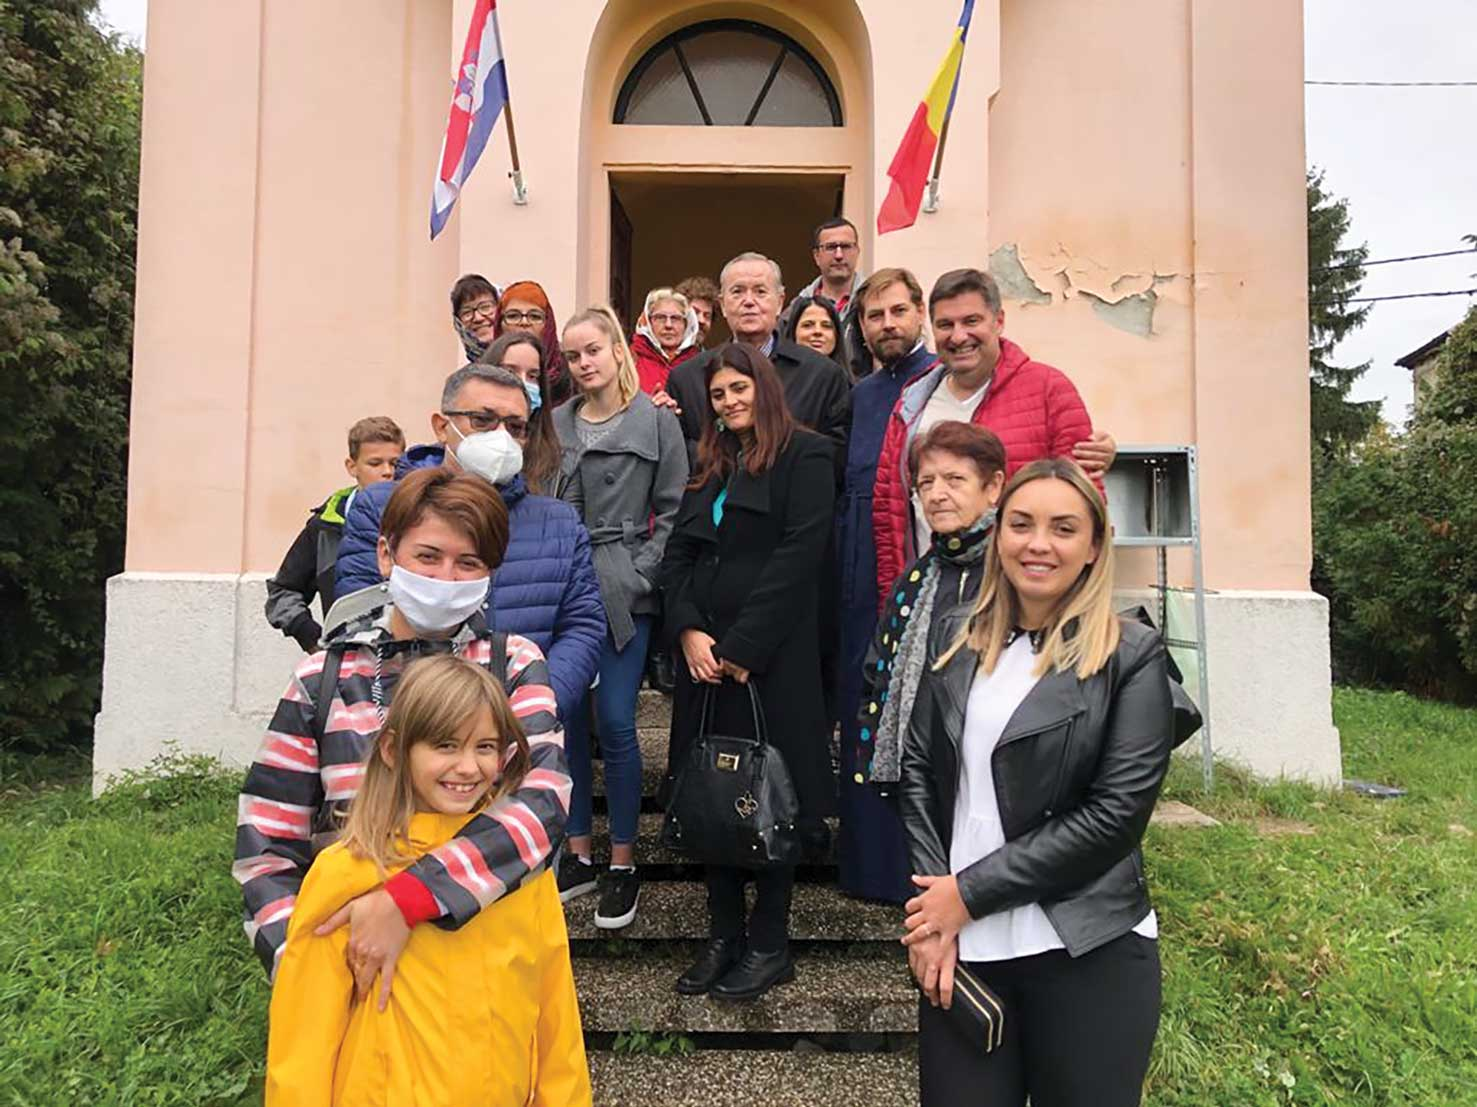 Binecuvântare  pentru credincioșii români din Zagreb, Croația